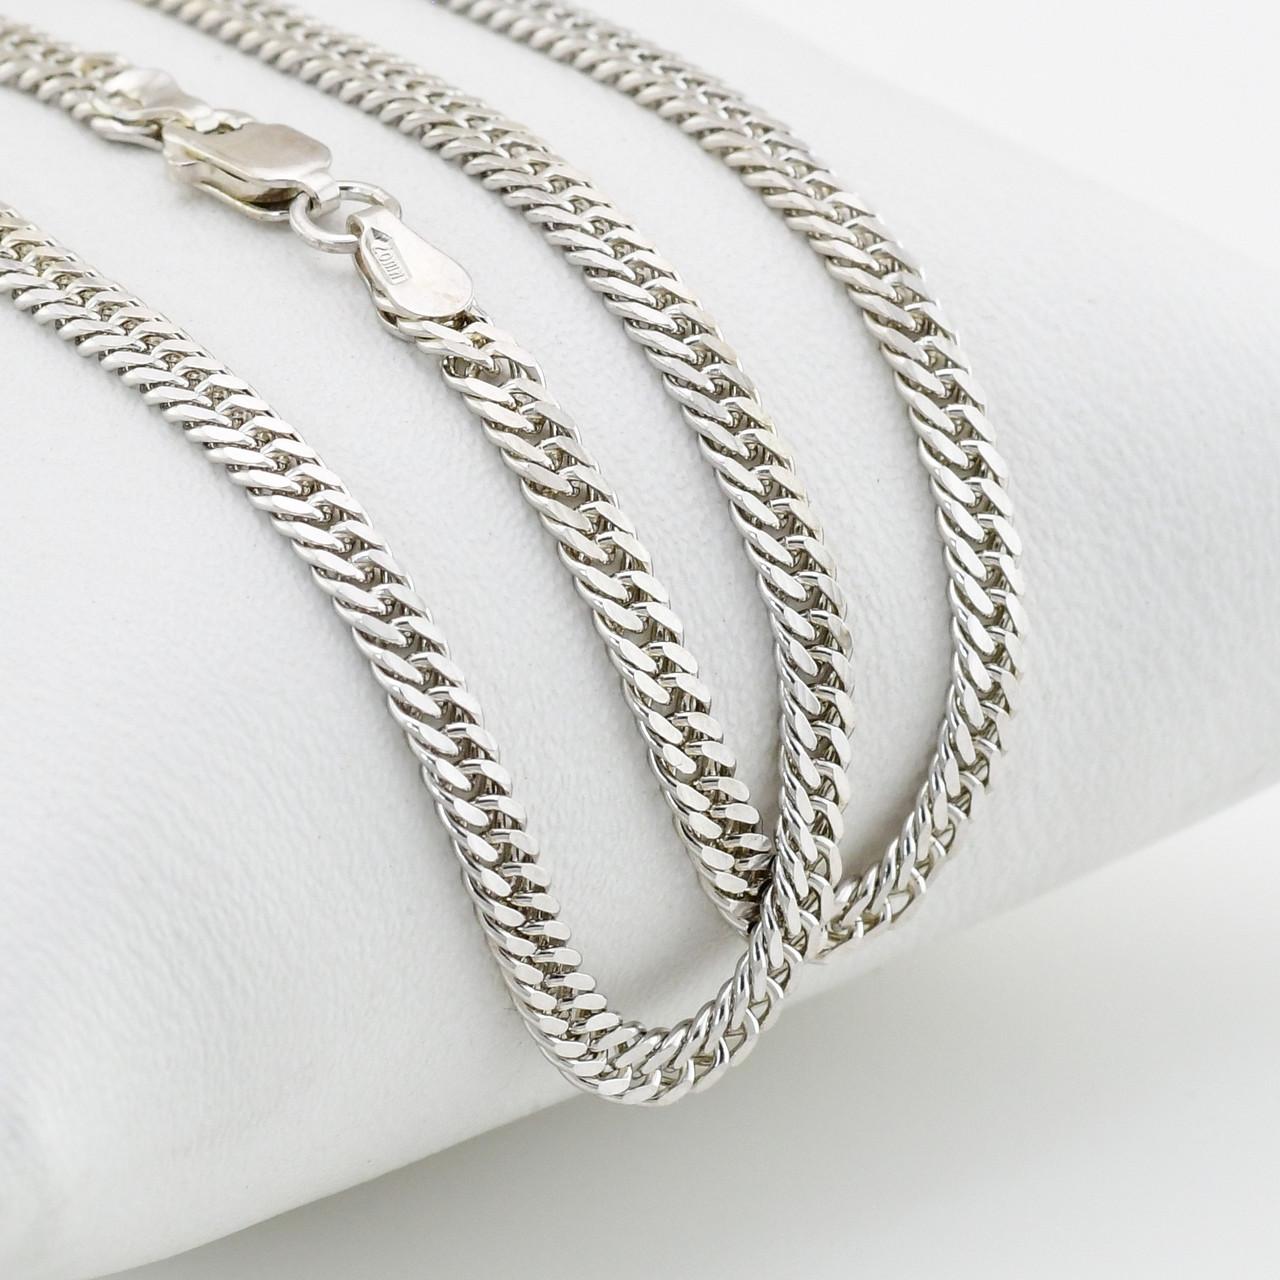 """Серебряная цепочка """"Двойная панцирная"""", ширина 3 мм, вес серебра 11.48 г, длина 55 см"""